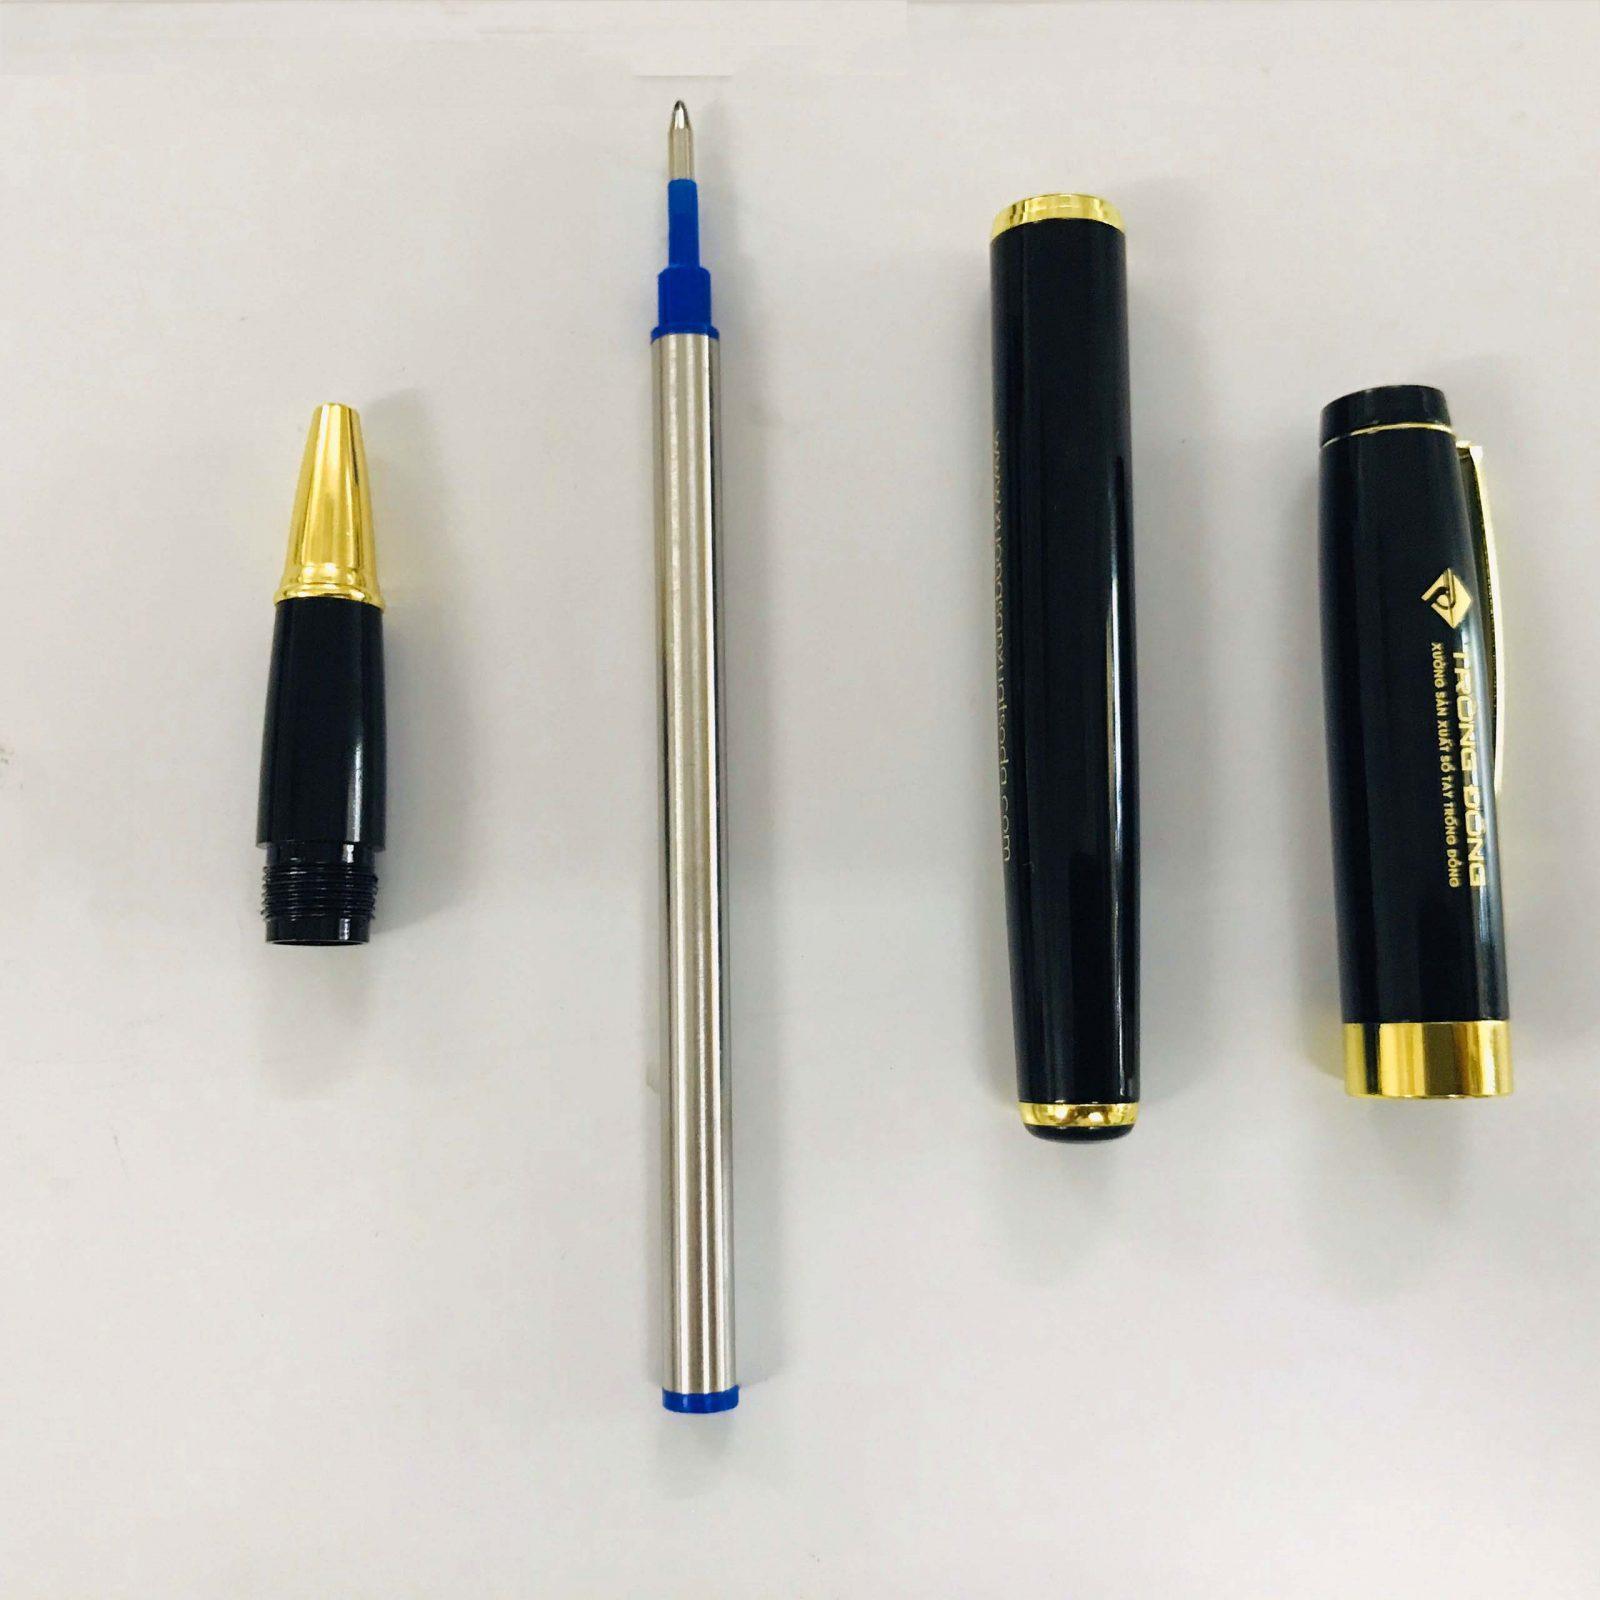 Phần ngòi bút làm bằng hợp kim có nét 0.7mm